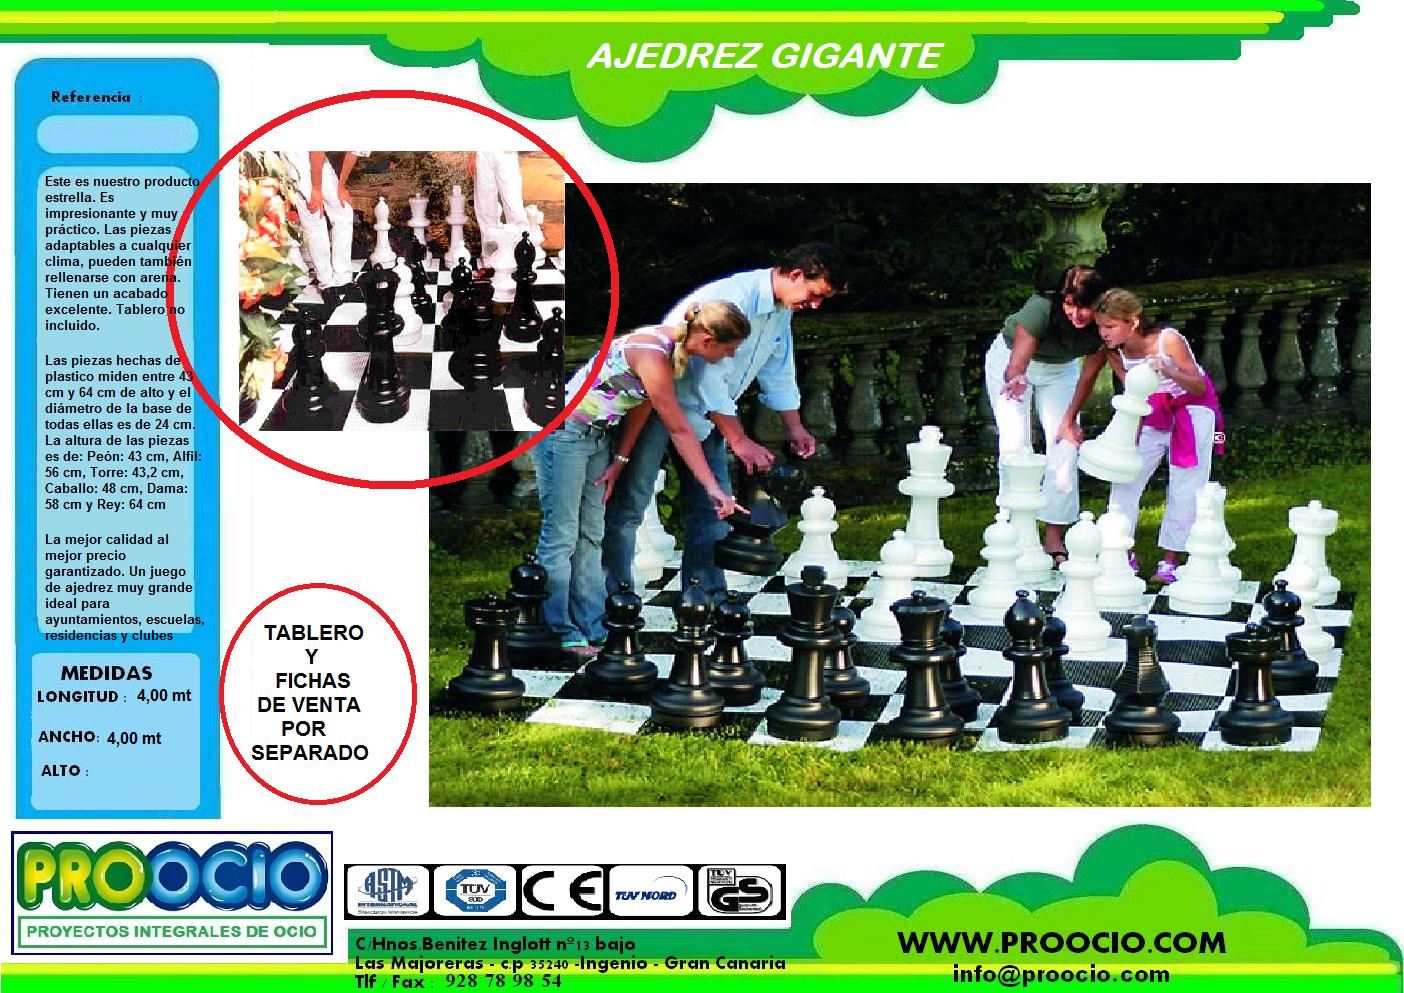 Ajedrez gigante pvc parques infantiles en canarias for Ajedrez gigante jardin